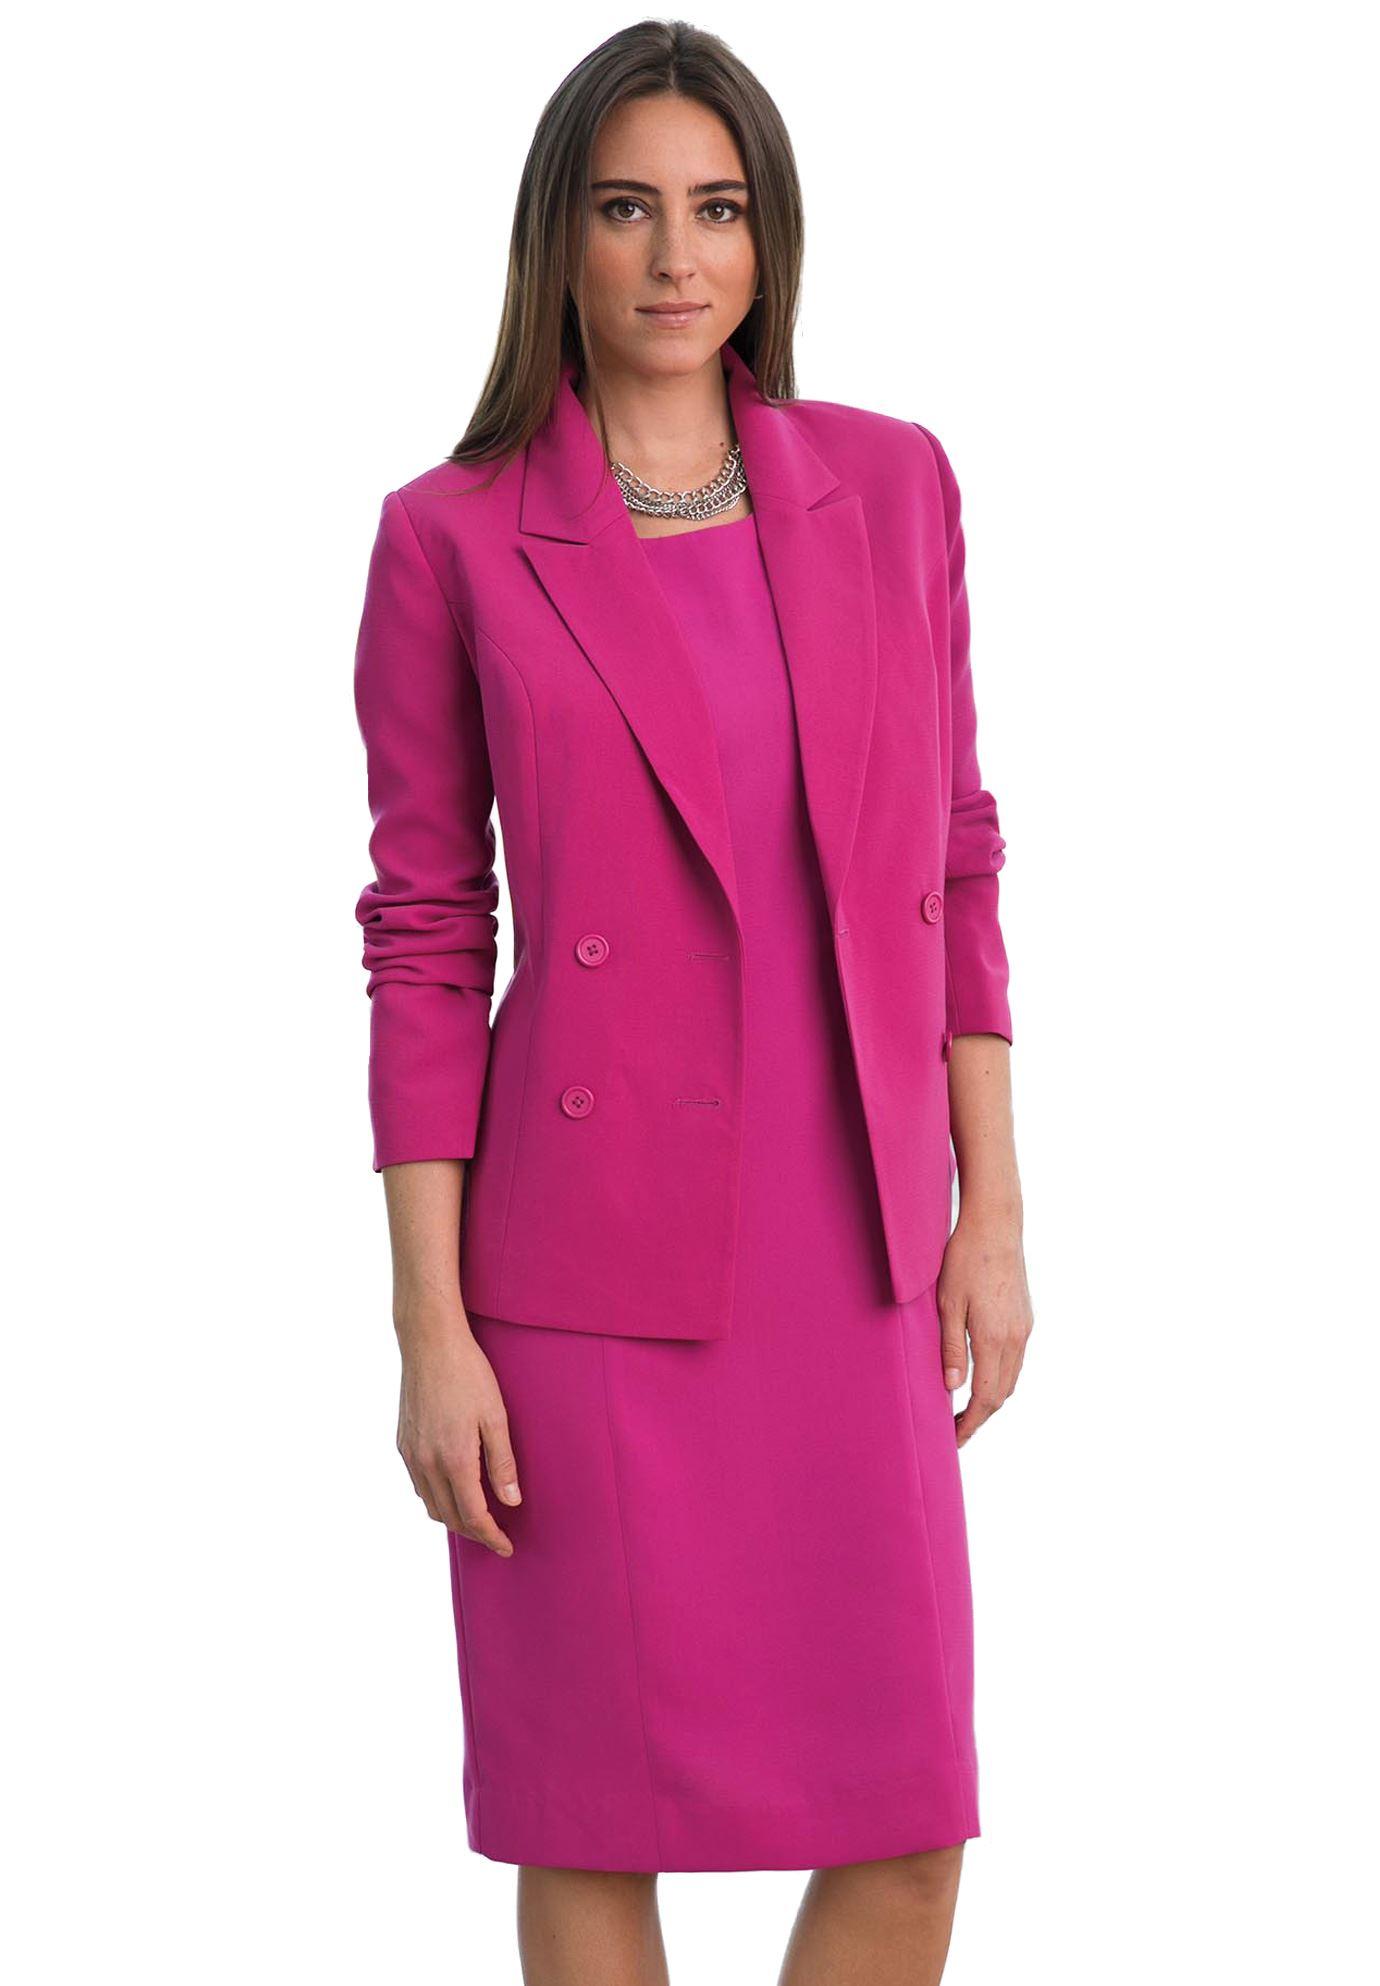 2 Piece Jacket Dress Plus Size Suits Separates Jessica London